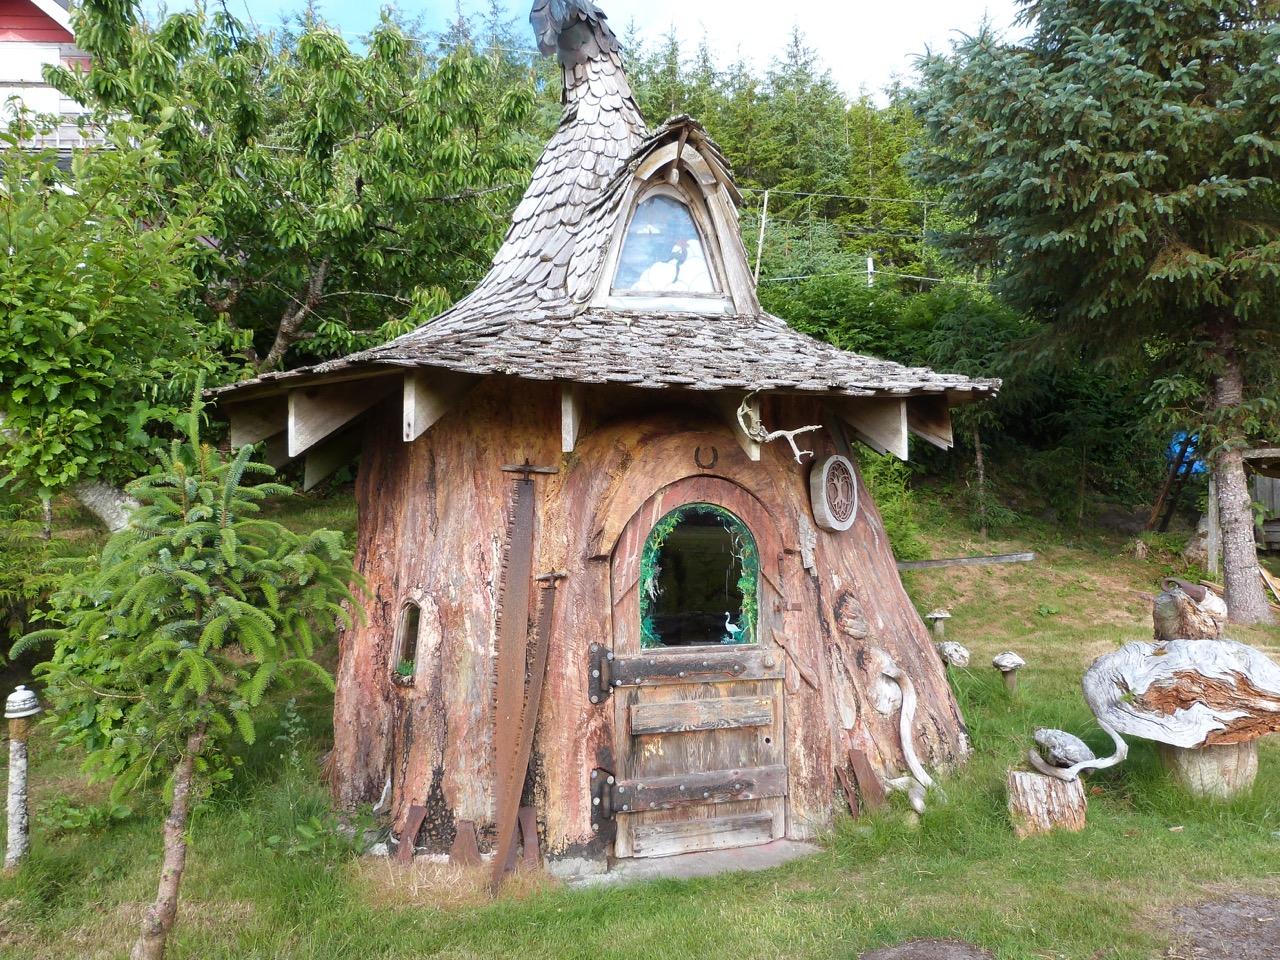 Сказочный домик на пне своими руками